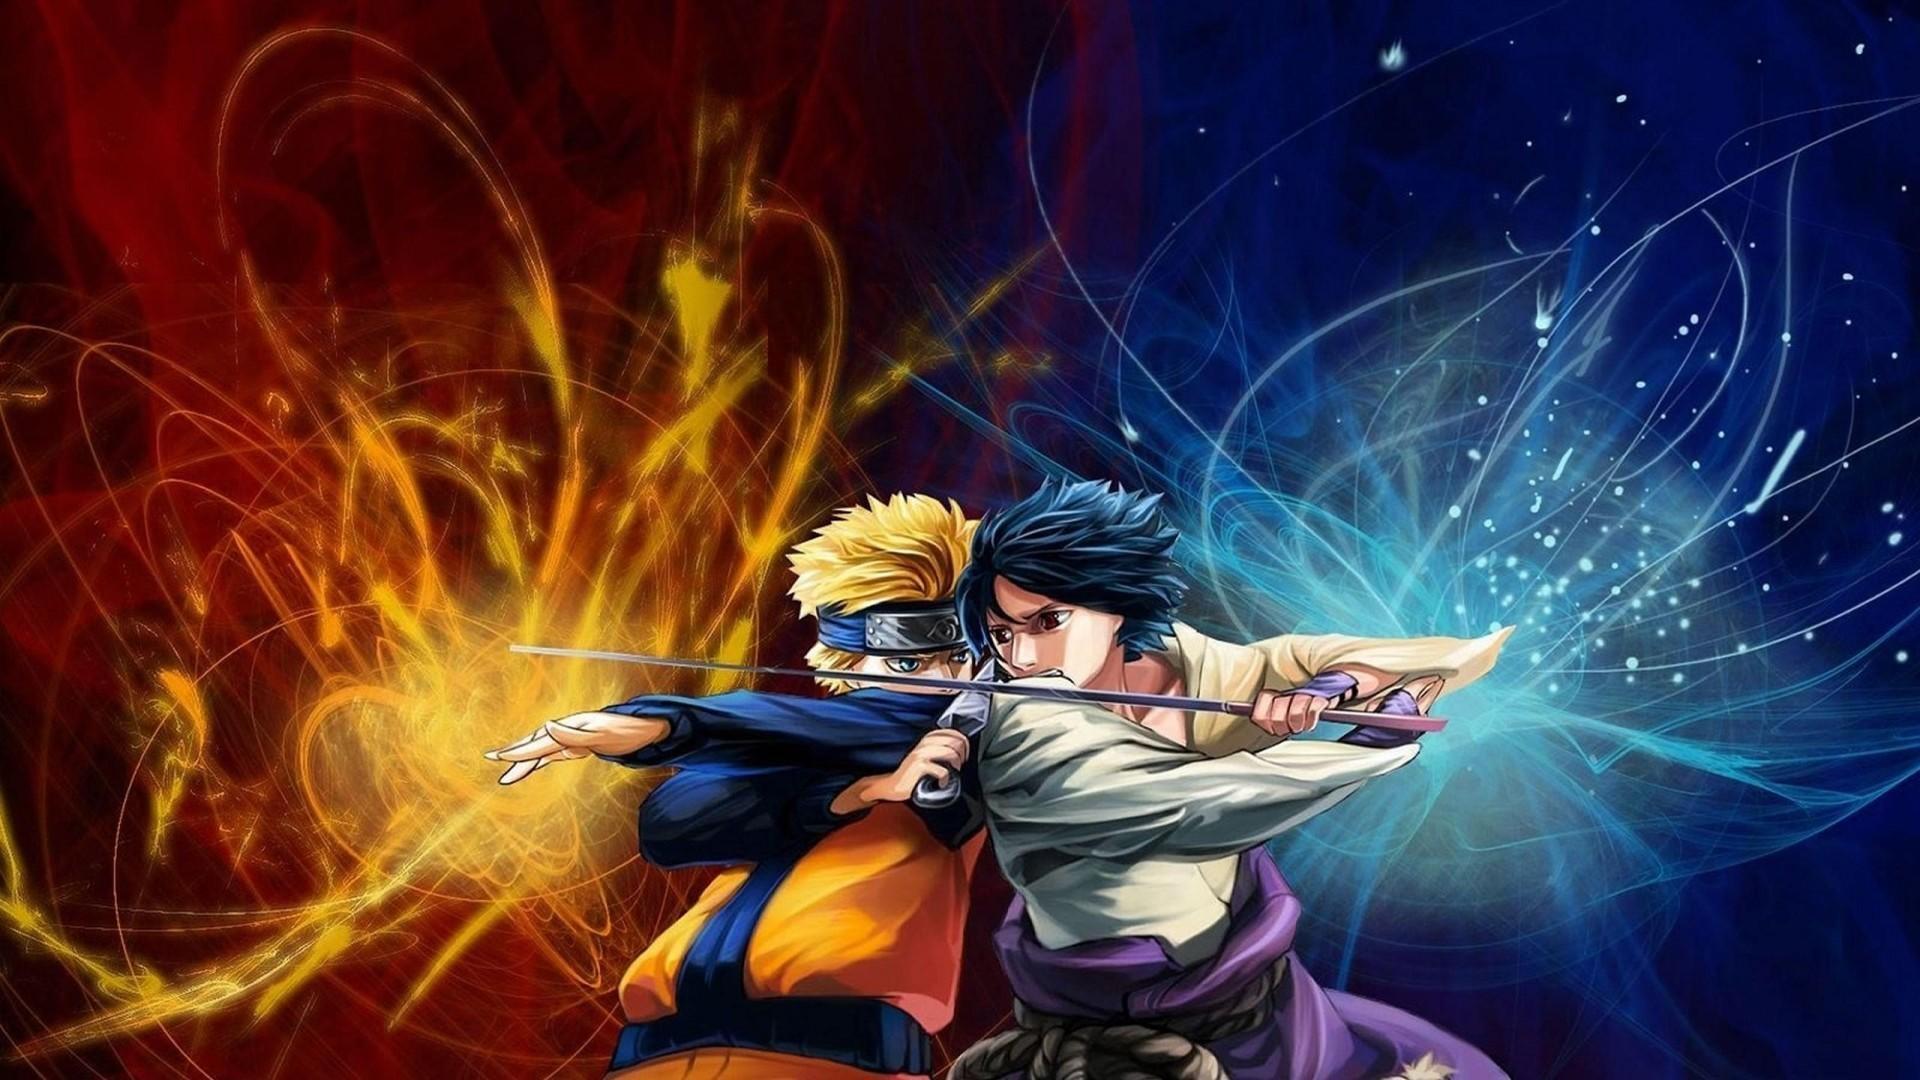 Naruto Vs Sasuke Wallpaper HD 1920x1080